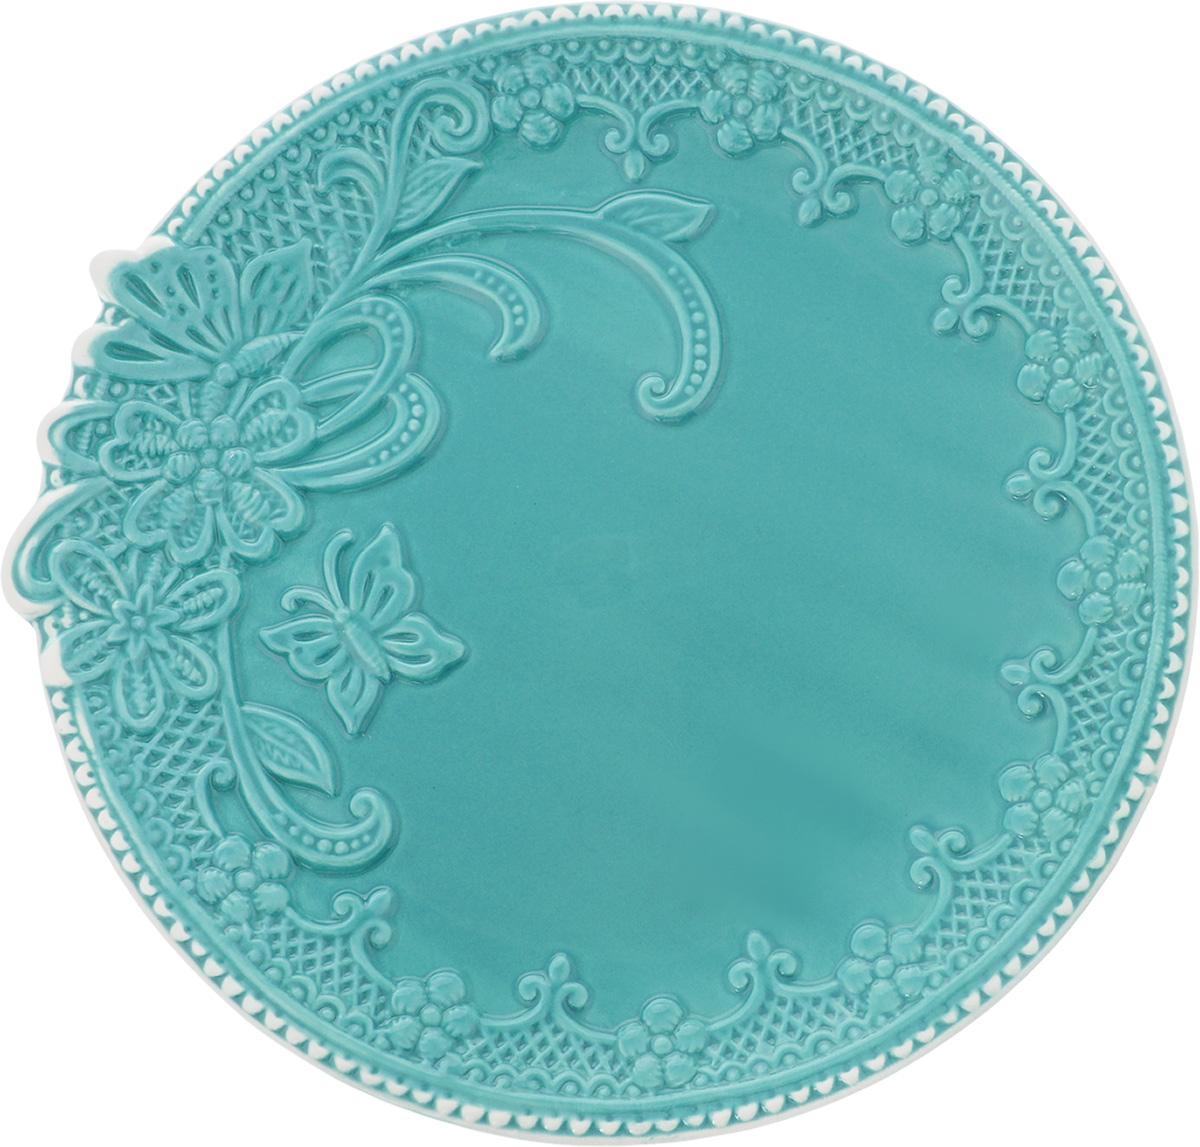 Блюдо Azur, цвет: бирюзовый, белый, диаметр 26 см os 16 блюдо безмятежность art ceramic